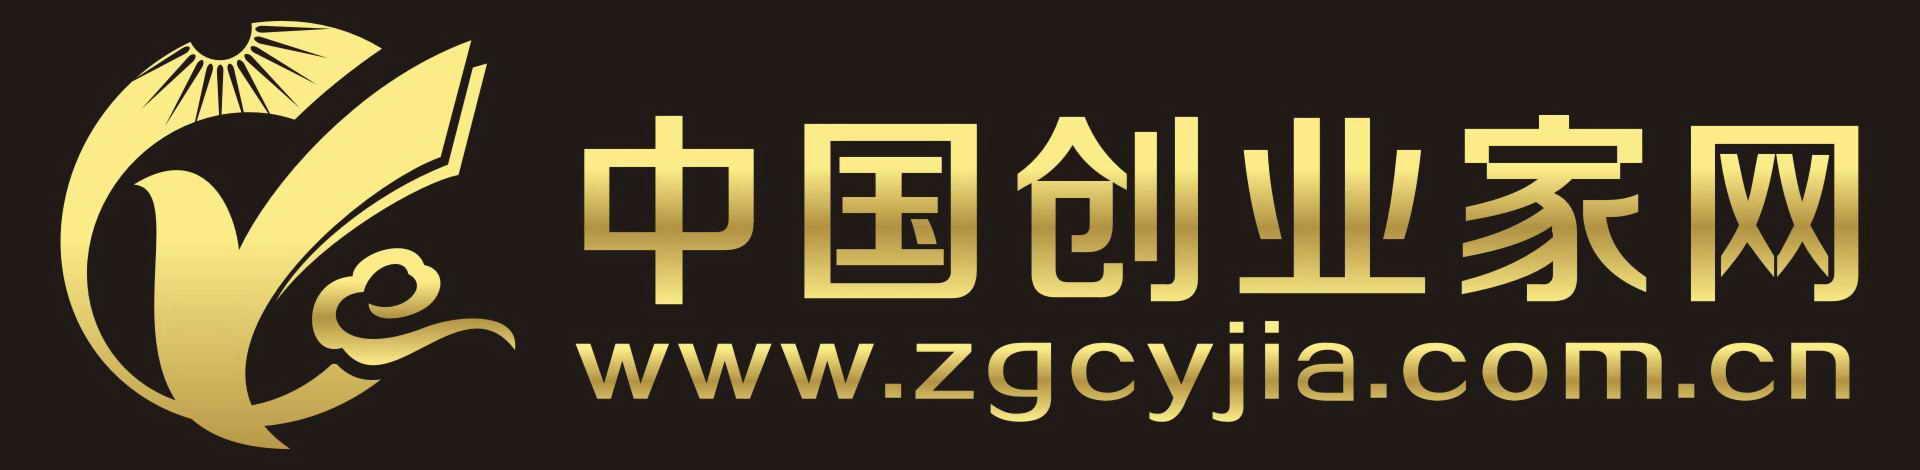 中国创业家网2看图王.jpg